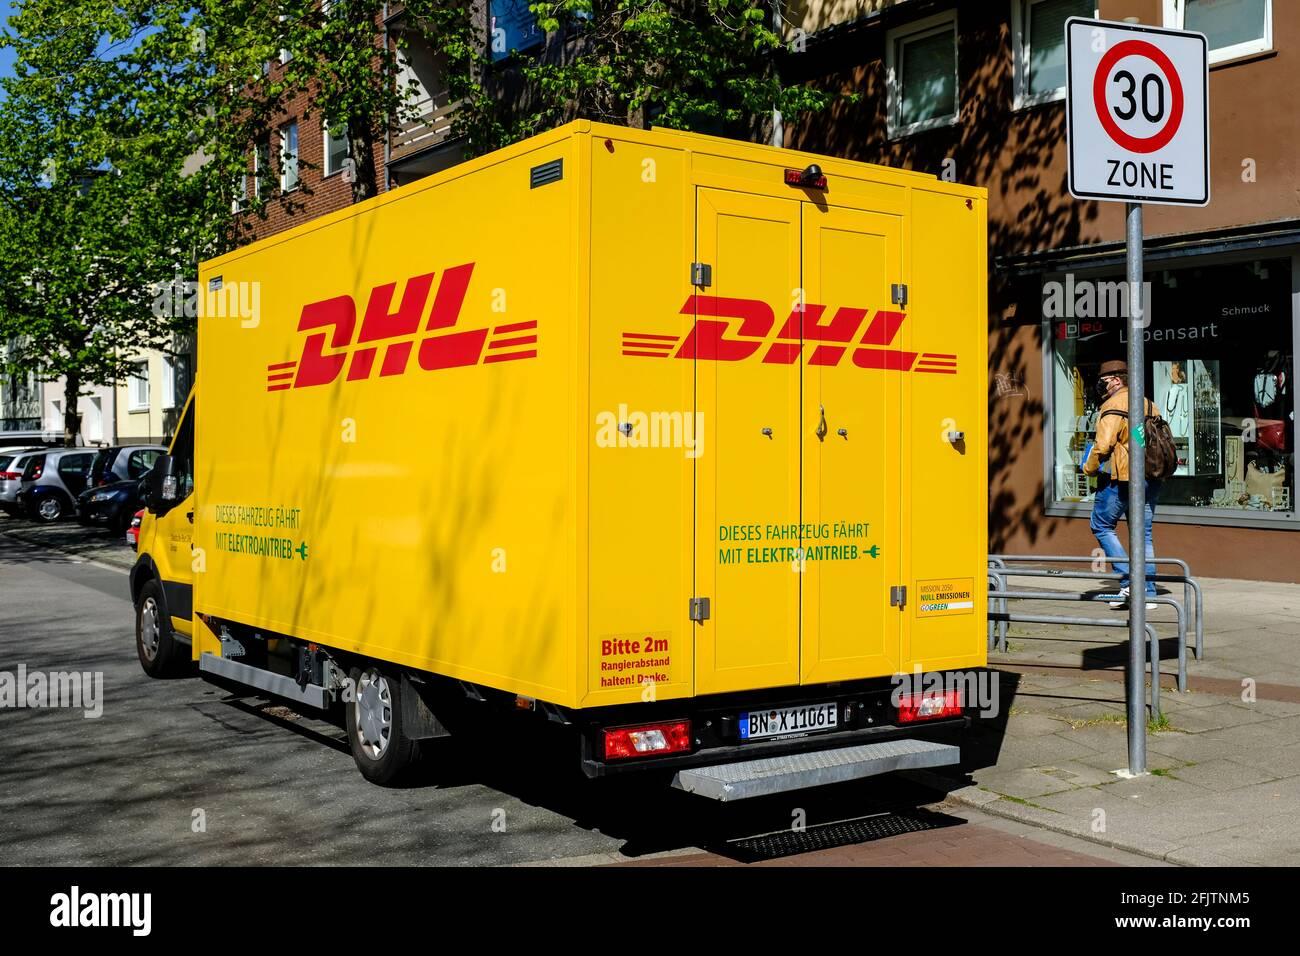 26.04.2021, Essen, Ruhrgebiet, Nordrhein-Westfalen, Deutschland - Auslieferungsfahrzeug von DHL mit Elektromotor auf einer Strasse im Essener Stadttei Stock Photo